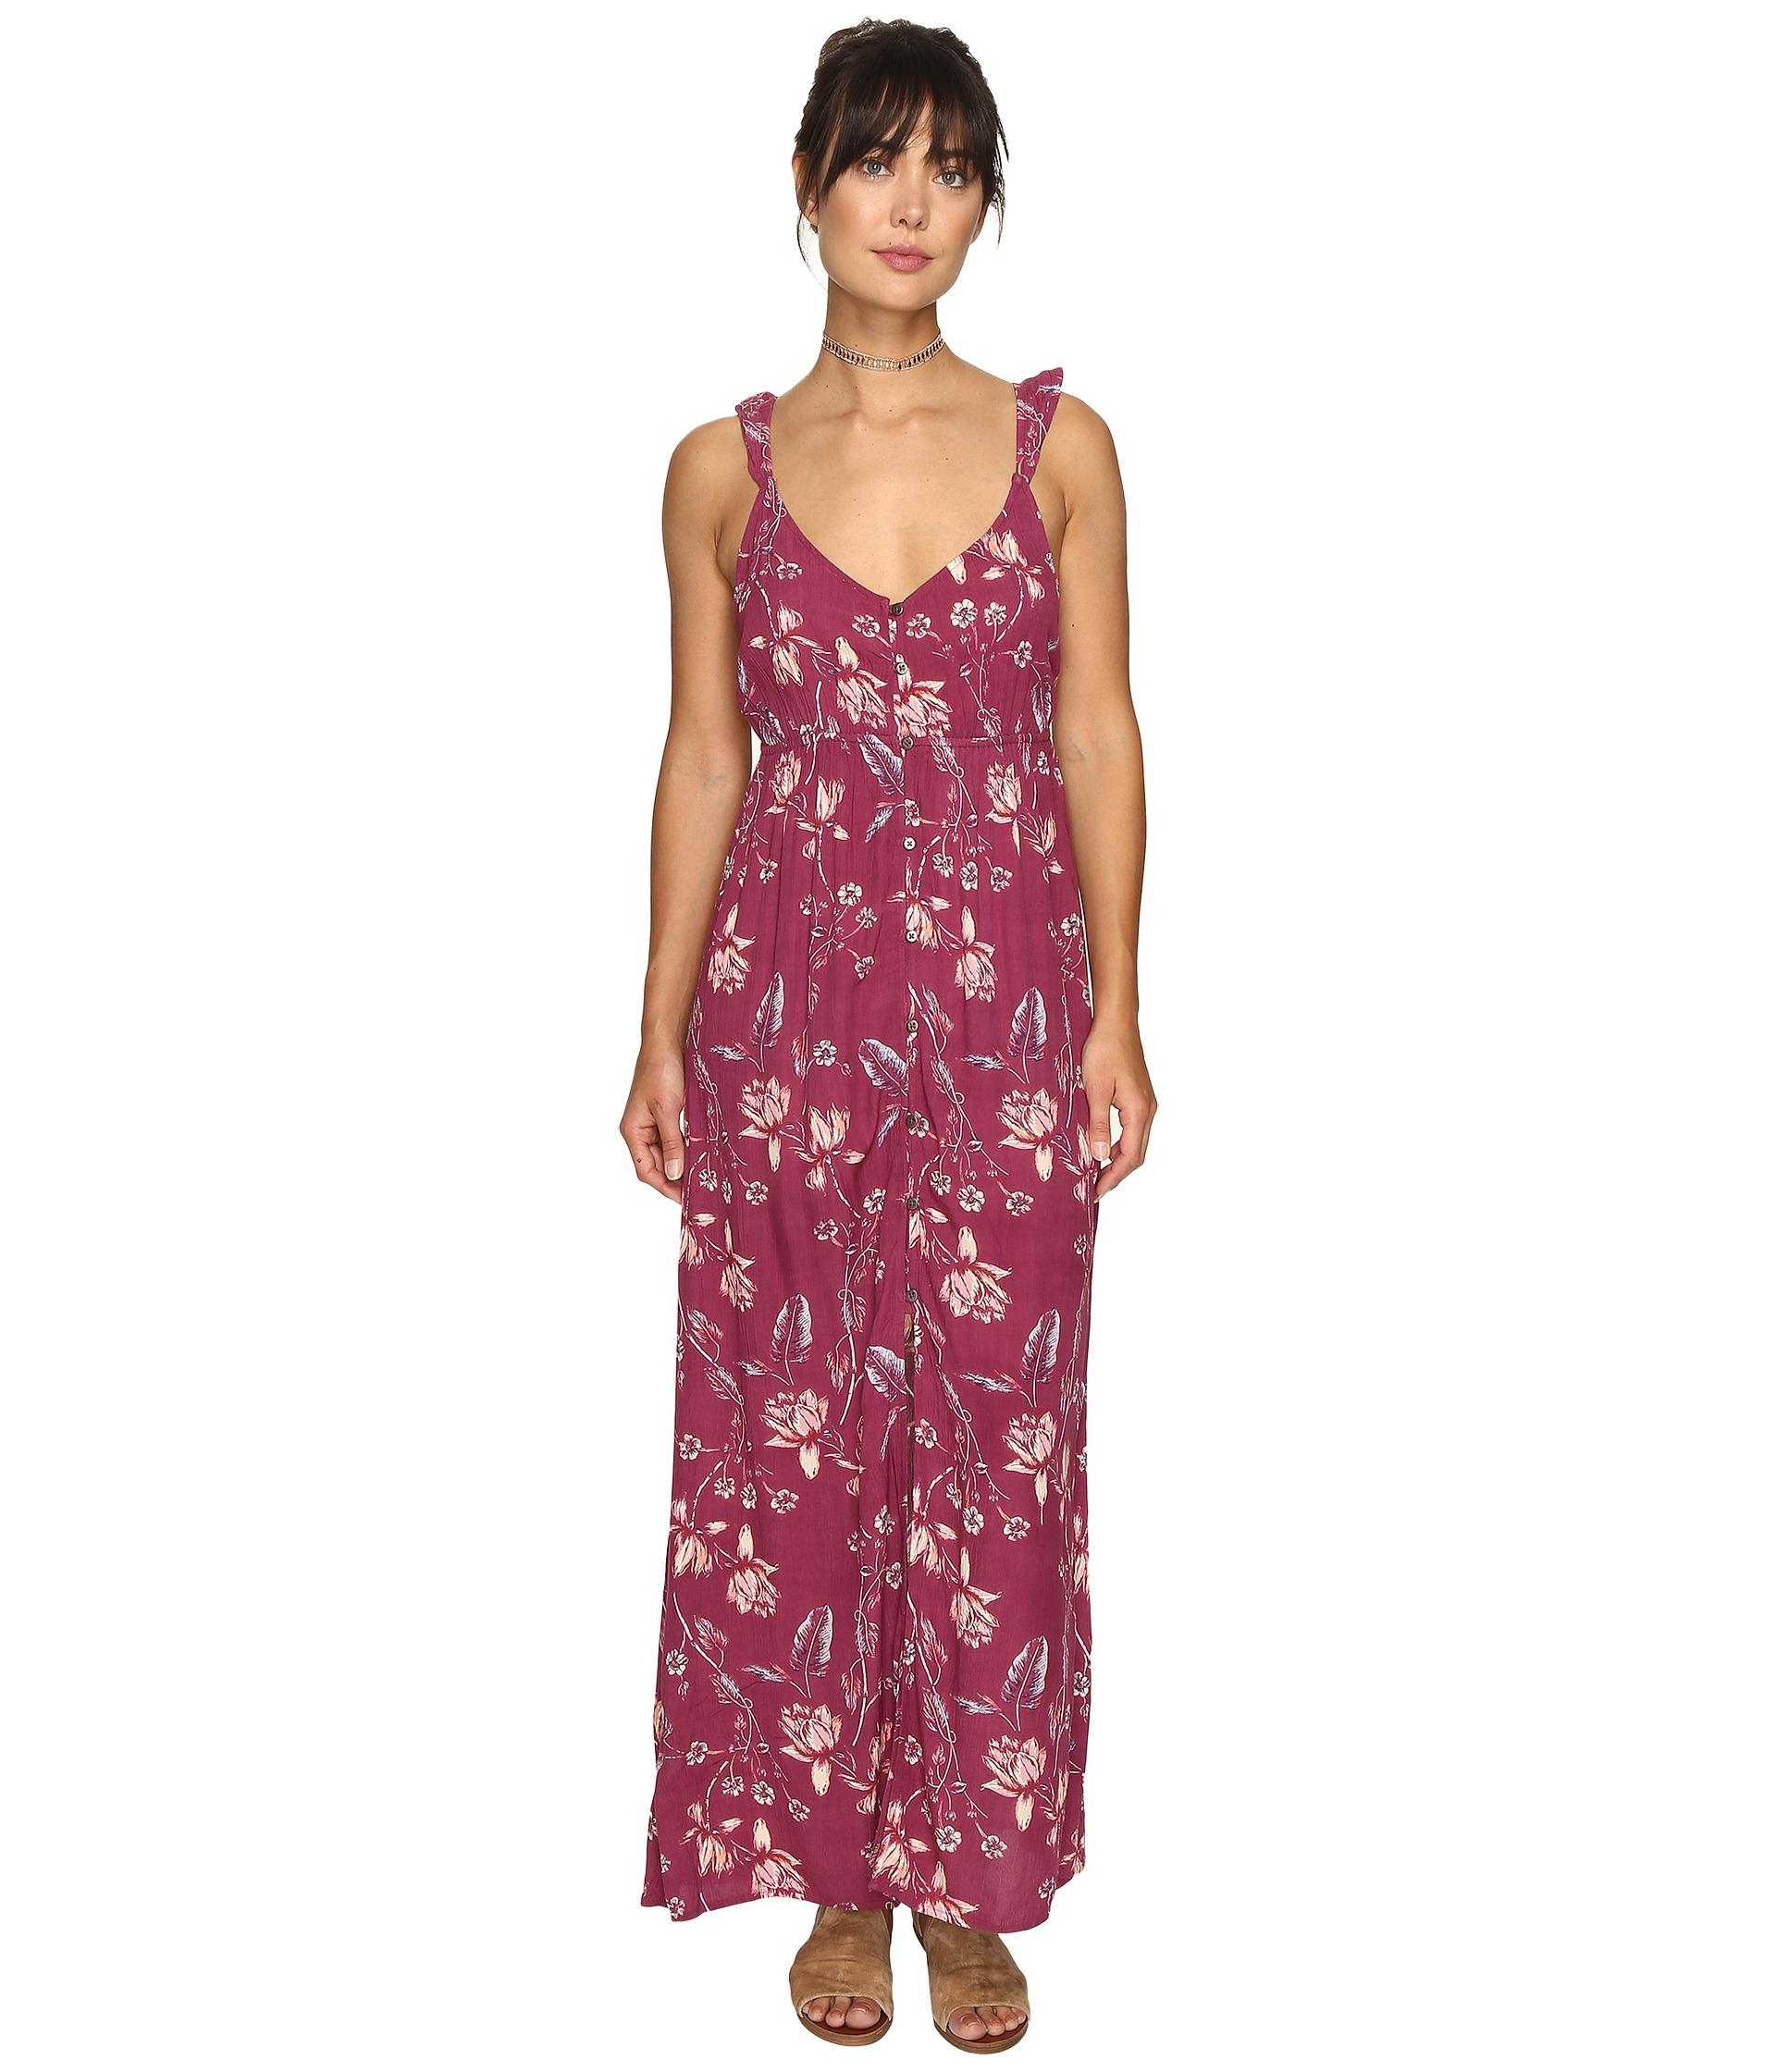 Bb dakota tasha maxi dress